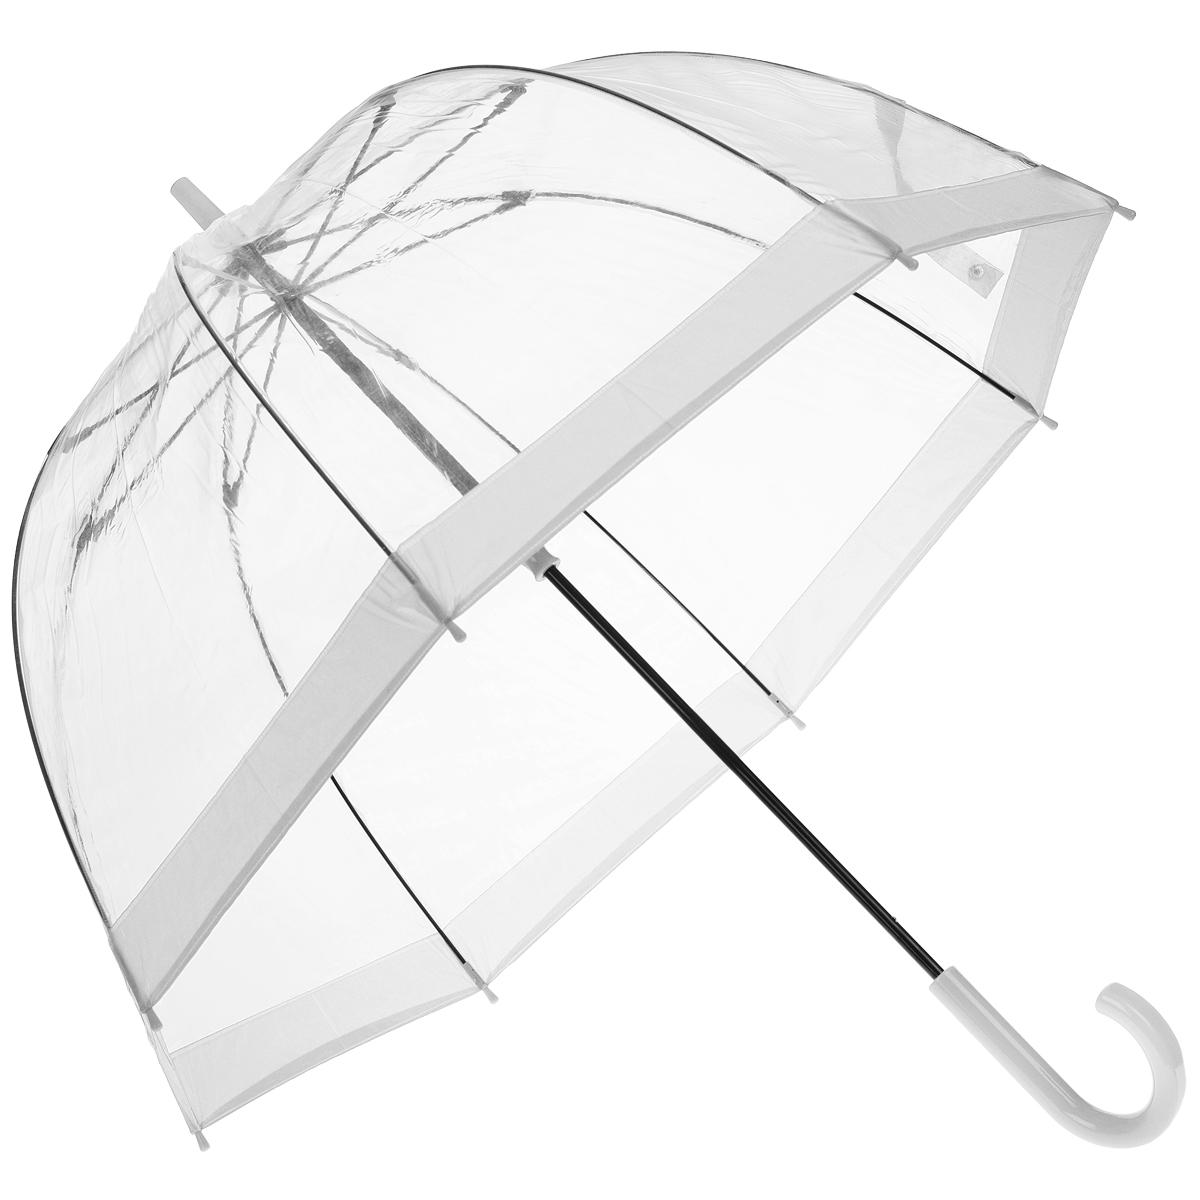 Зонт-трость женский Bird cage, механический, цвет: прозрачный, белыйREM12-CAM-REDBLACKСтильный куполообразный зонт-трость Bird cage, закрывающий голову и плечи, даже в ненастную погоду позволит вам оставаться элегантной. Каркас зонта выполнен из 8 спиц из фибергласса, стержень изготовлен из стали. Купол зонта выполнен из прозрачного ПВХ. Рукоятка закругленной формы разработана с учетом требований эргономики и изготовлена из пластика. Зонт имеет механический тип сложения: купол открывается и закрывается вручную до характерного щелчка.Такой зонт не только надежно защитит вас от дождя, но и станет стильным аксессуаром. Характеристики:Материал: ПВХ, сталь, фибергласс, пластик. Диаметр купола: 89 см.Цвет: прозрачный, белый. Длина стержня зонта: 84 см. Длина зонта (в сложенном виде): 94 см.Вес: 540 г.Артикул:L041 3F002.